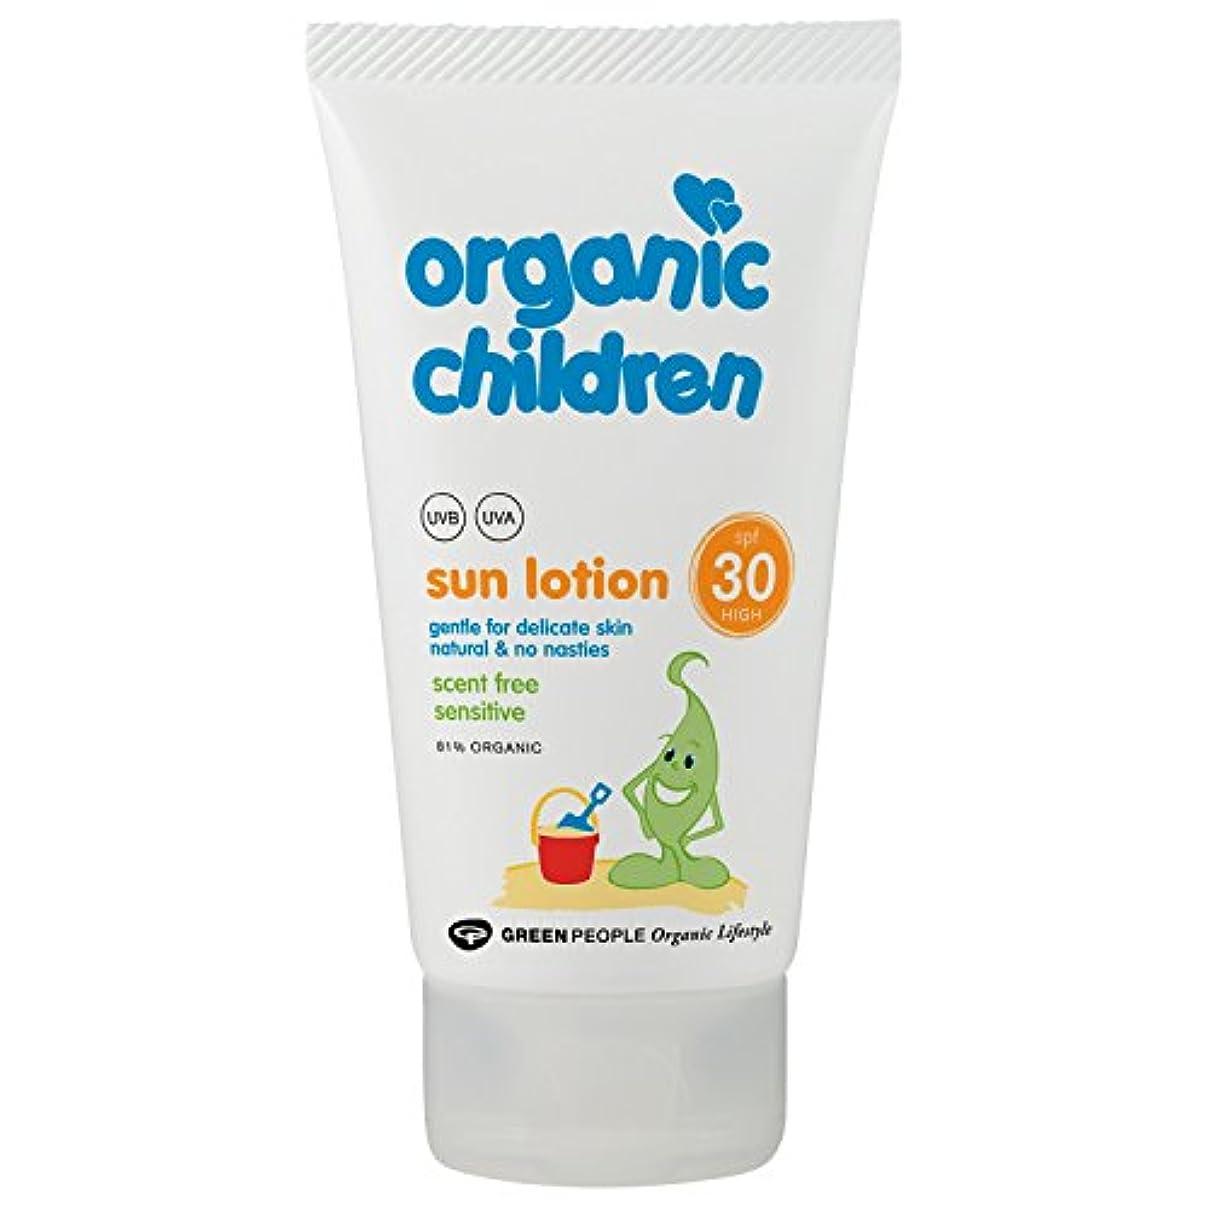 ポータールール既にOrganic Children SPF 30 Sun Lotion 150g - 有機子どもたちは30日のローション150グラムを [並行輸入品]